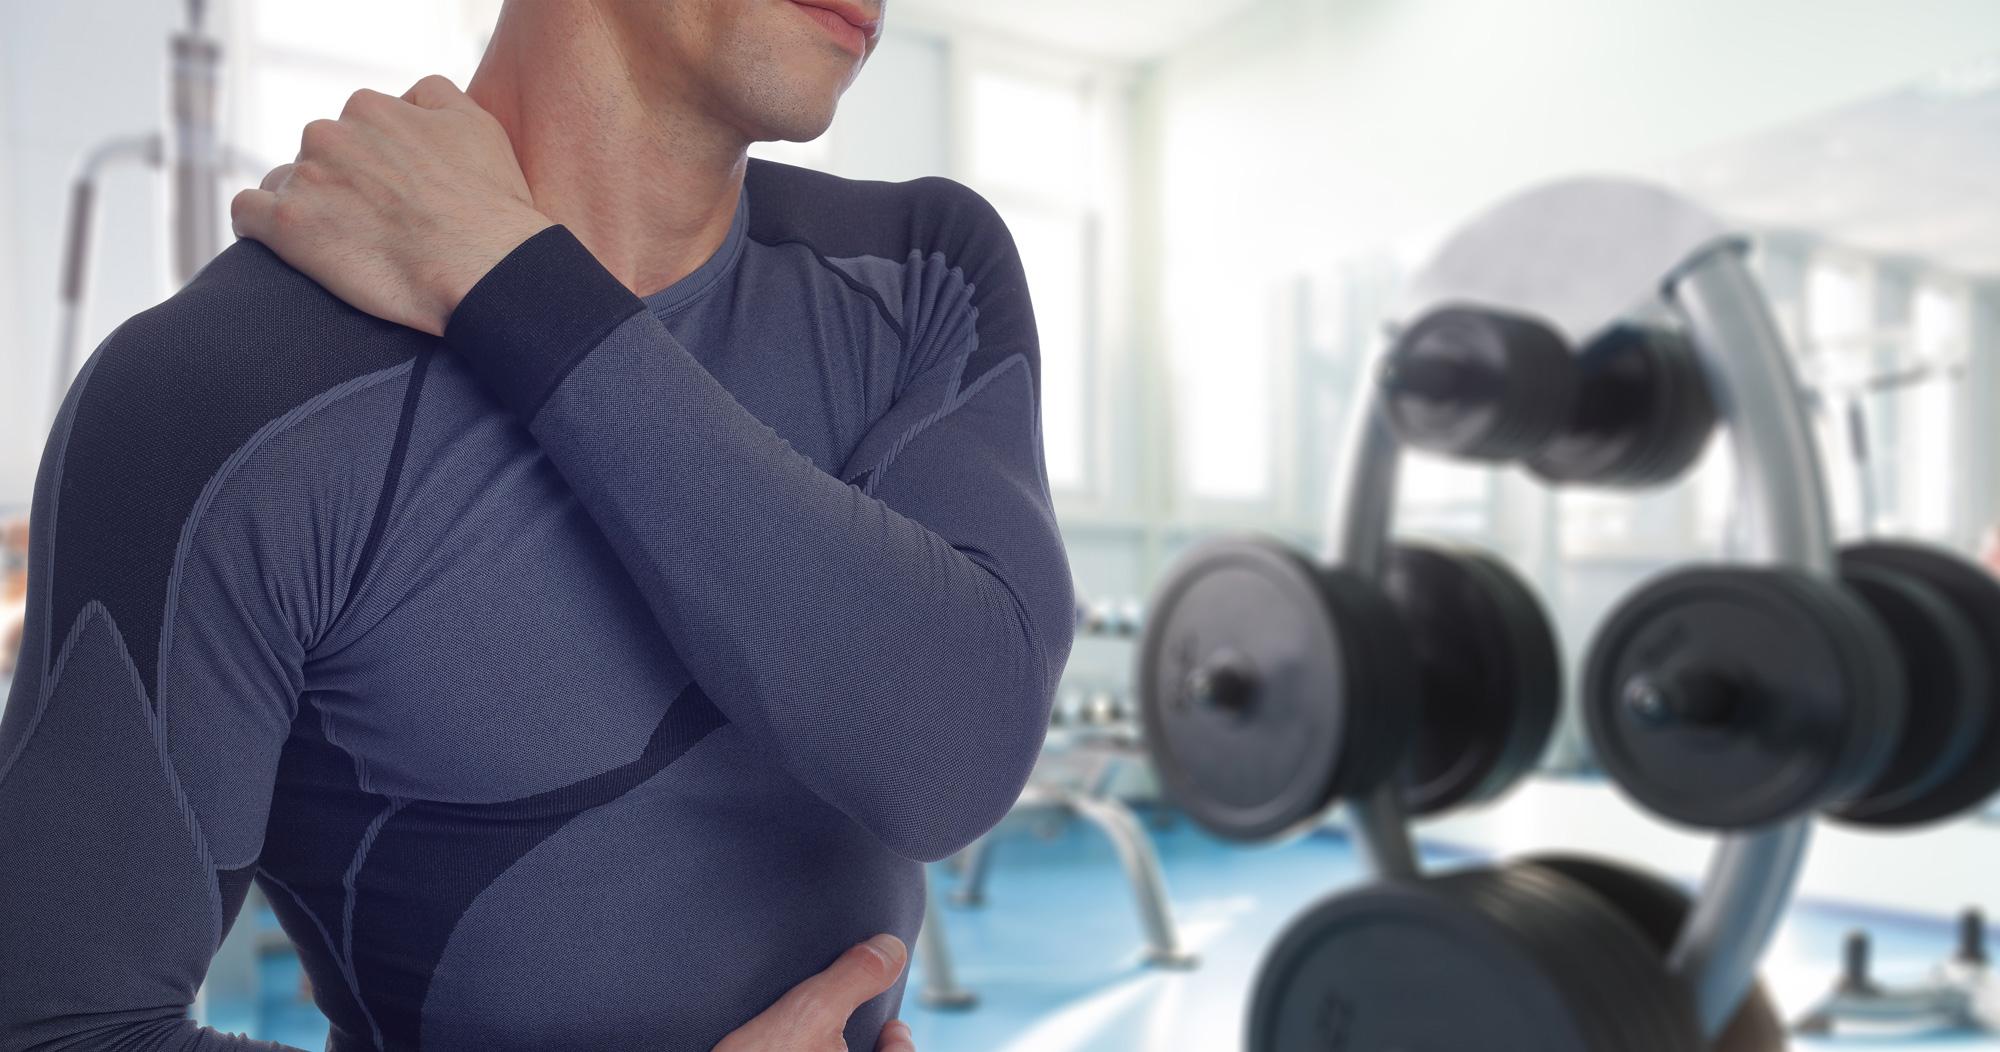 Пилатес для шеи упражнения